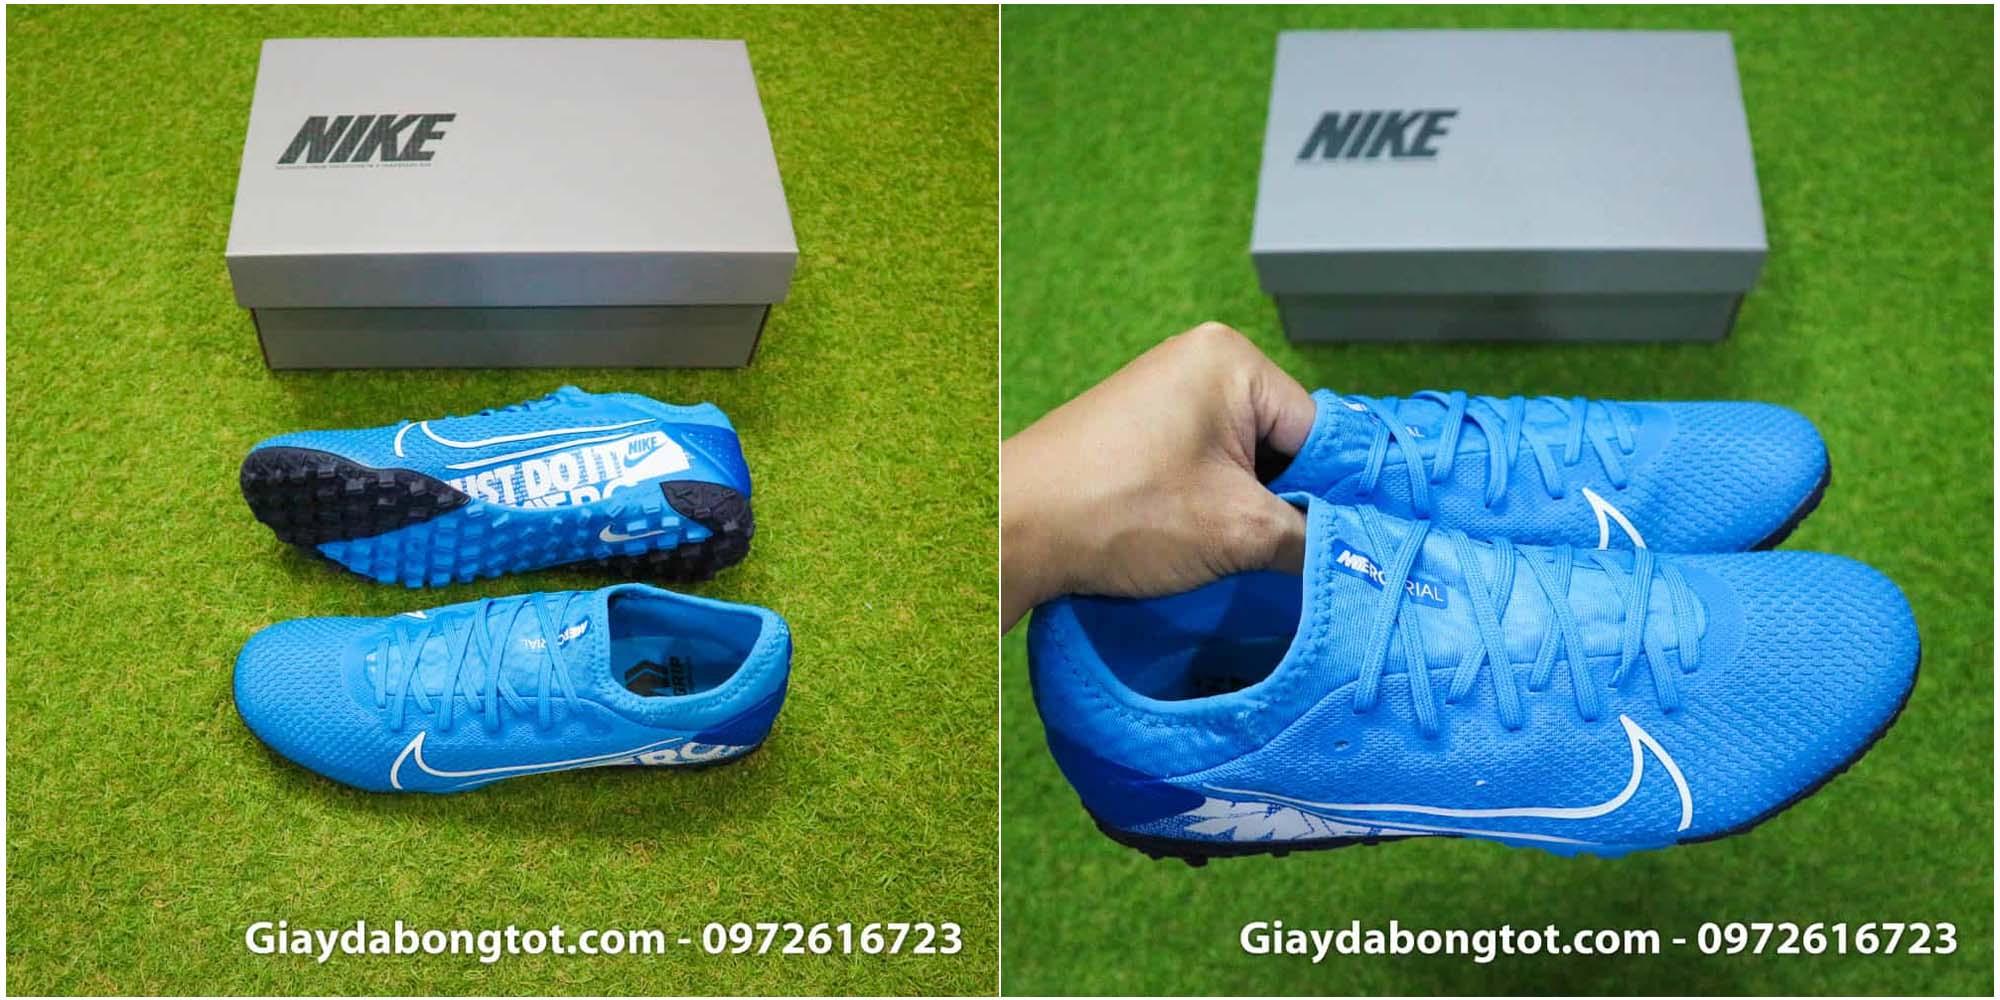 Nike Mercurial Vapor 13 Pro TF có lớp da vải chống nước tốt, độ bền cao